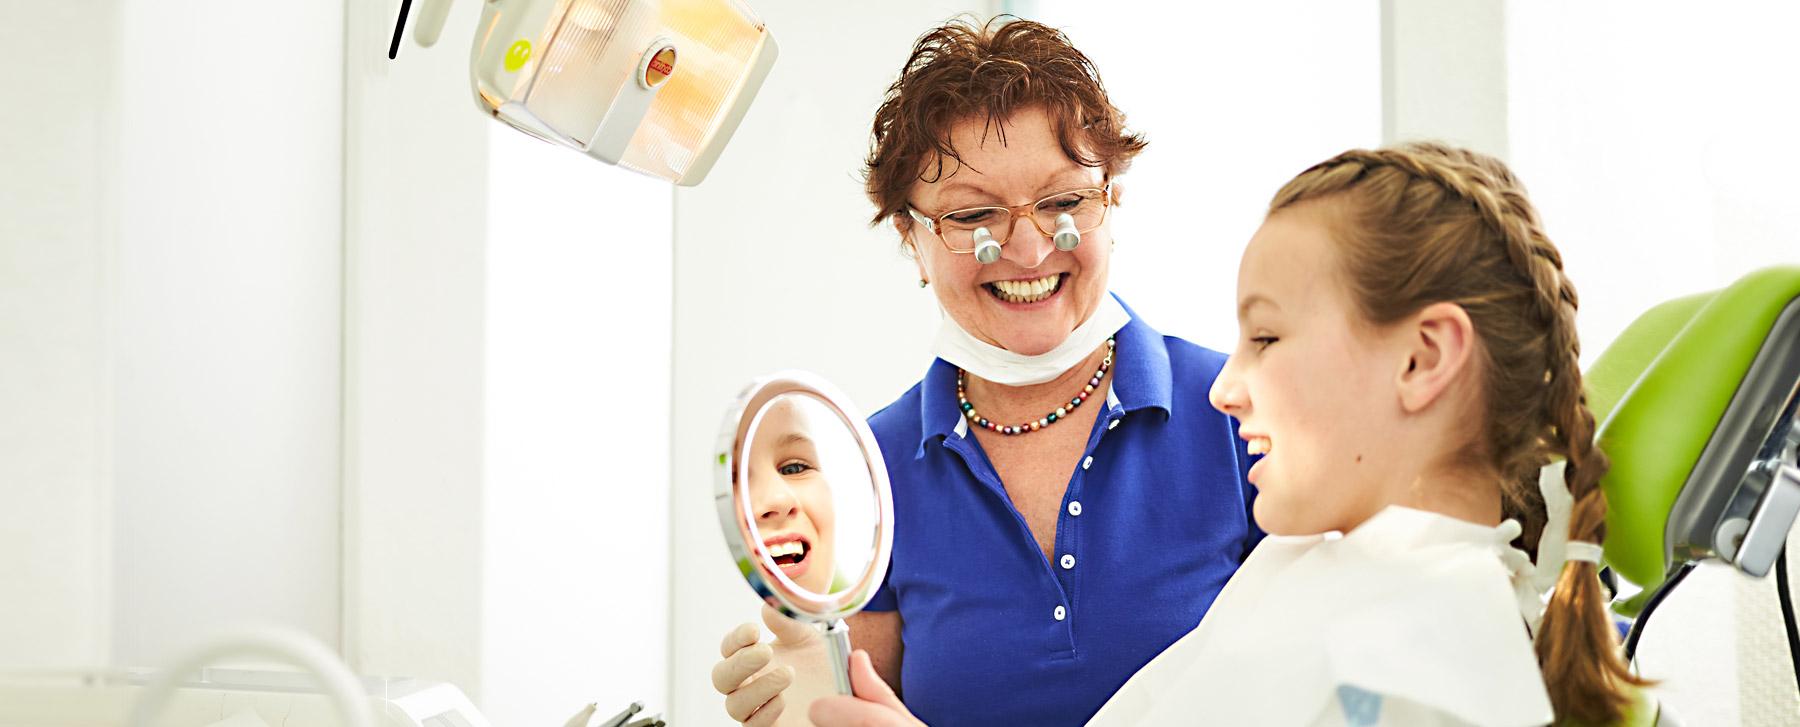 Zahnarzt Dr. Schraivogel - Behandlung 6